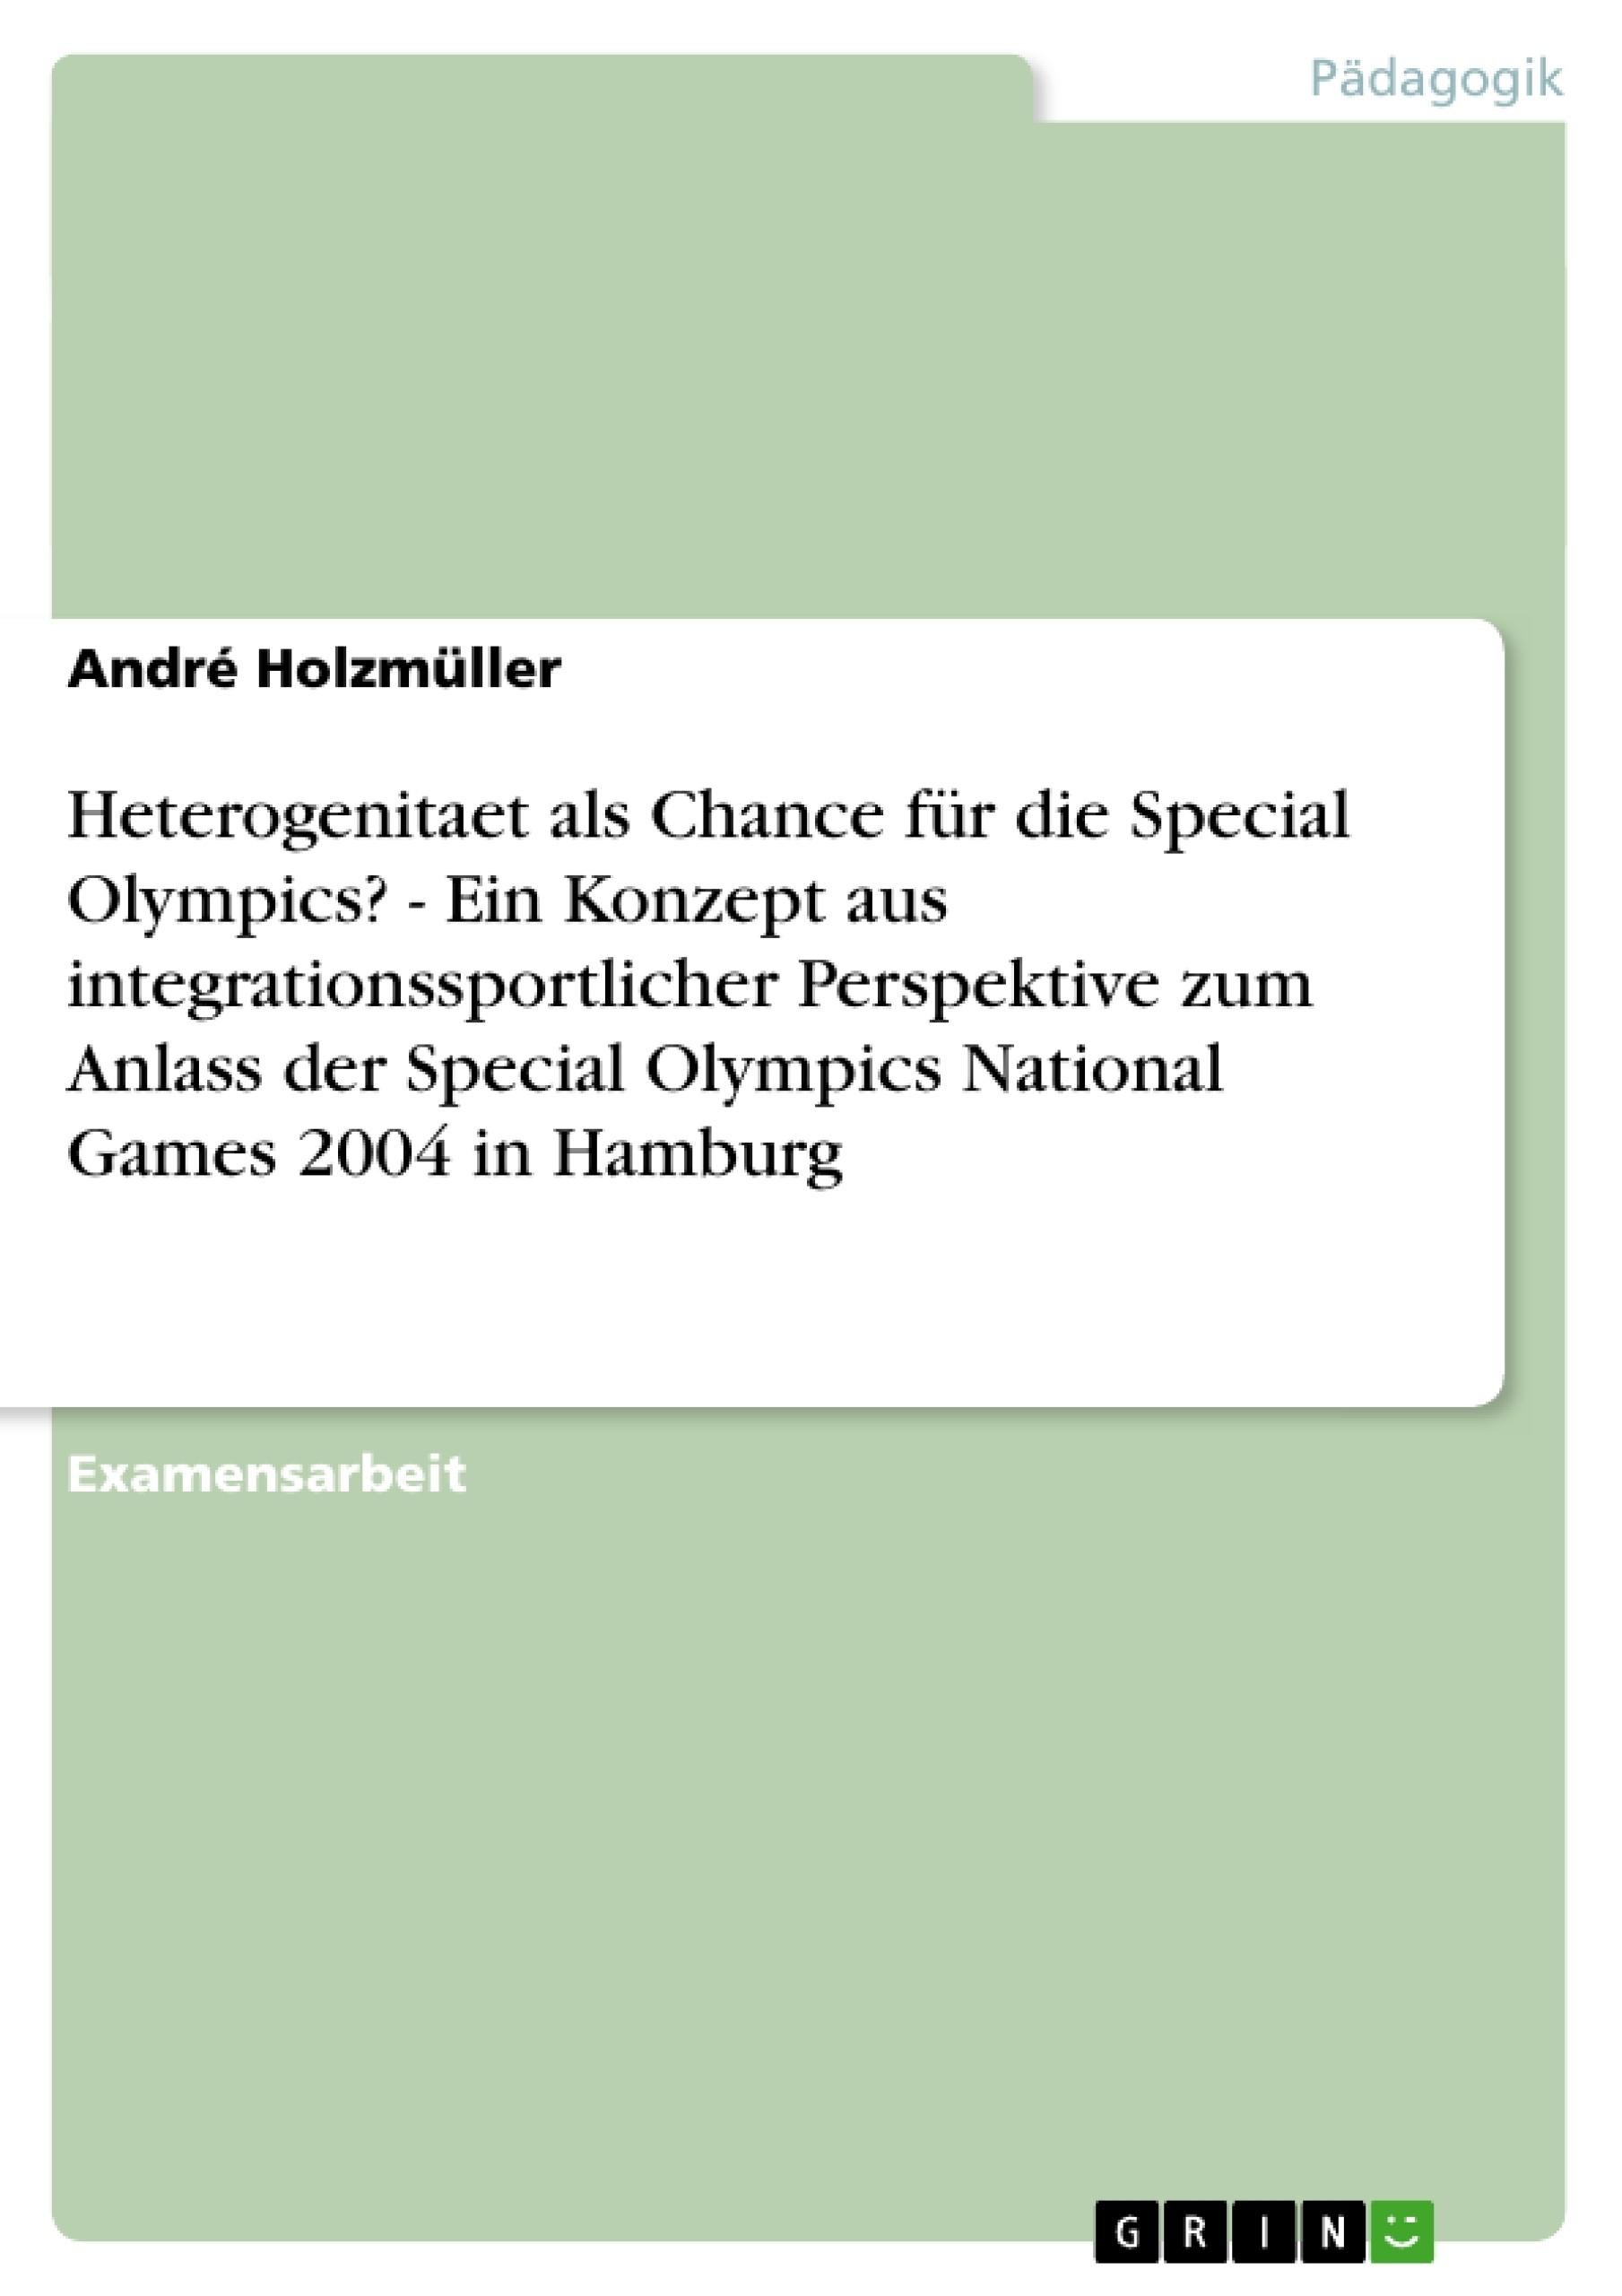 Titel: Heterogenitaet als Chance für die Special Olympics? - Ein Konzept aus integrationssportlicher Perspektive zum Anlass der Special Olympics National Games 2004 in Hamburg